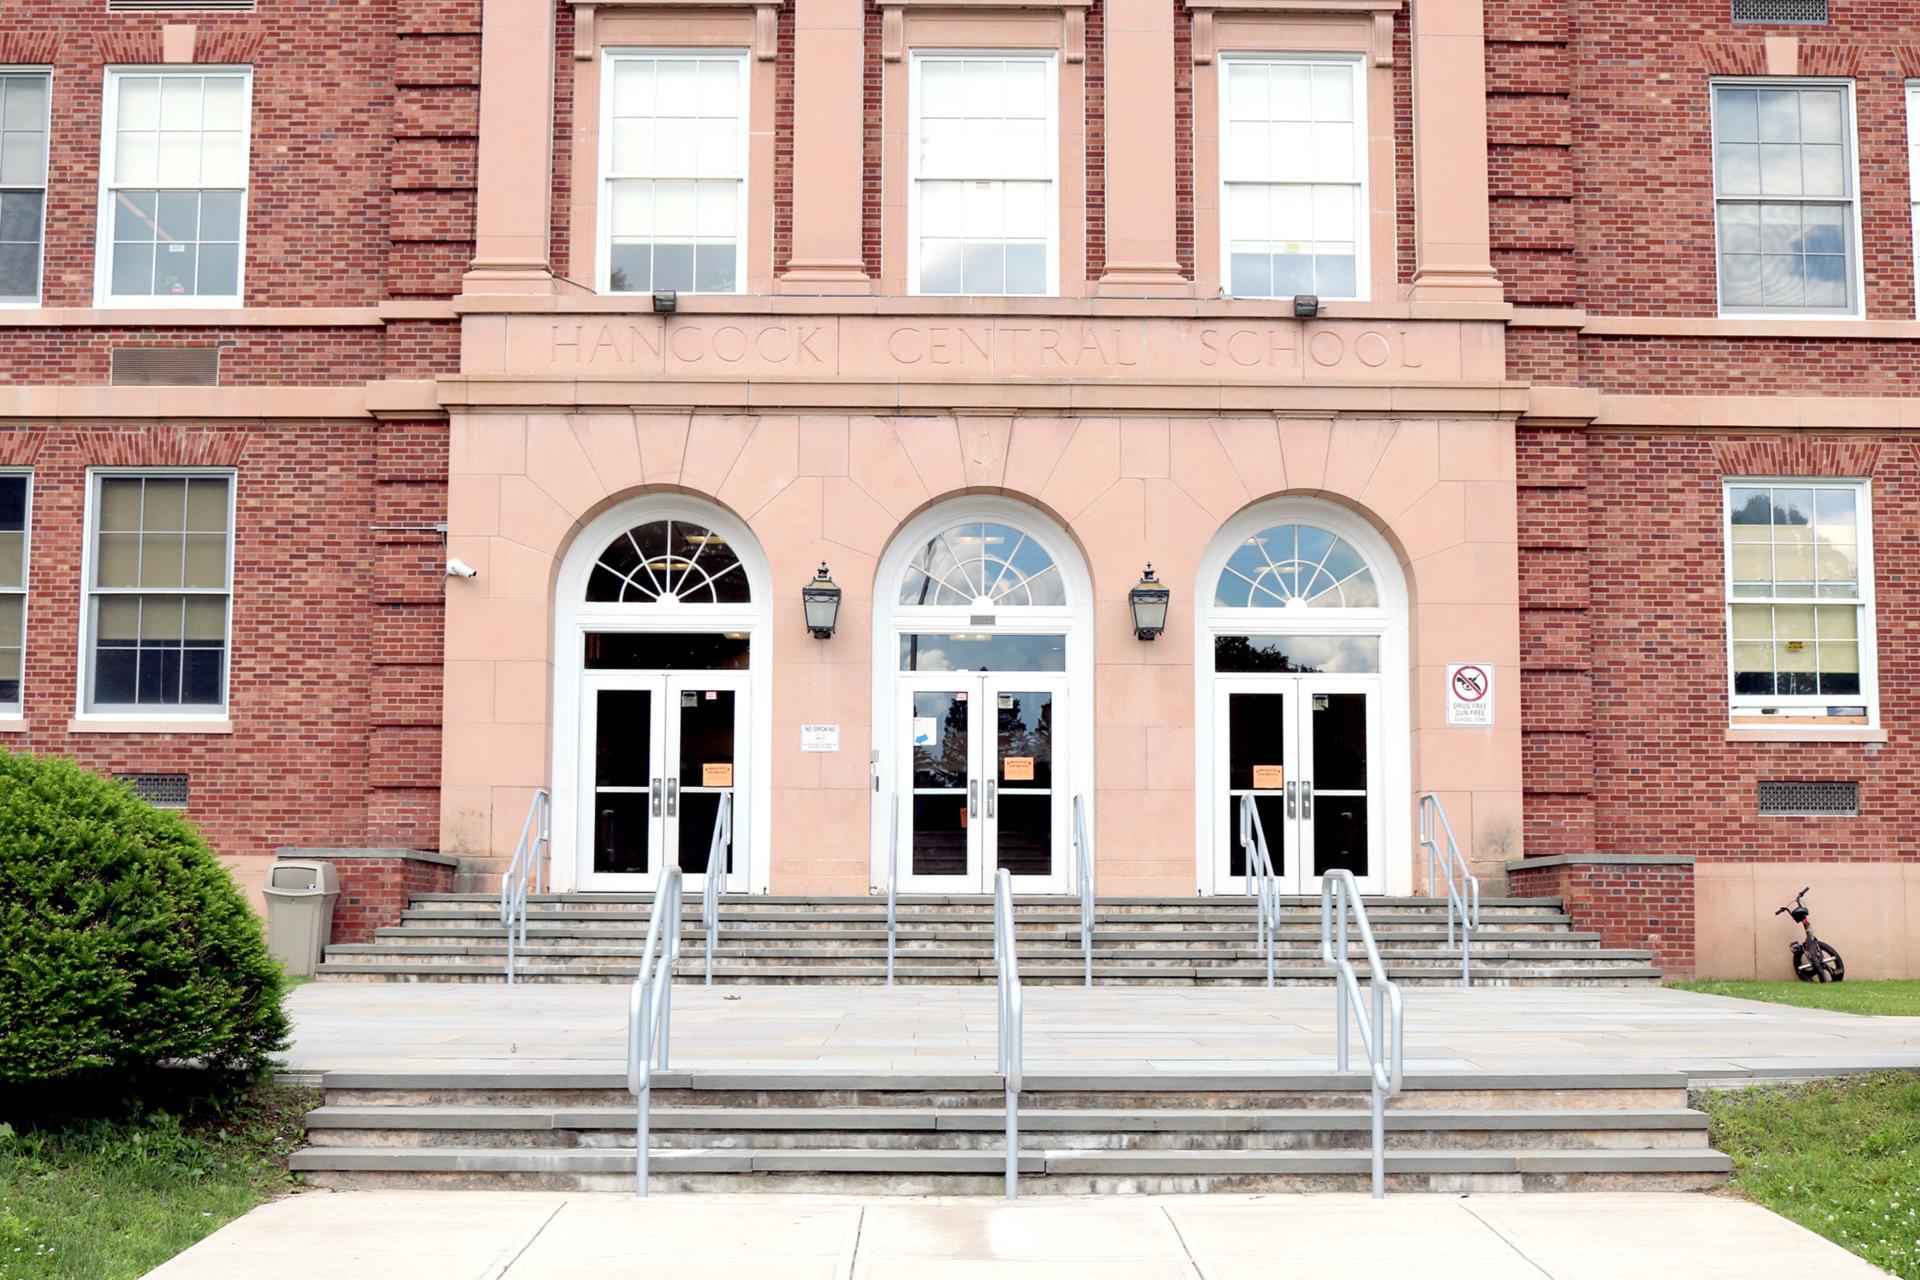 Hancock Central School entrance 2019